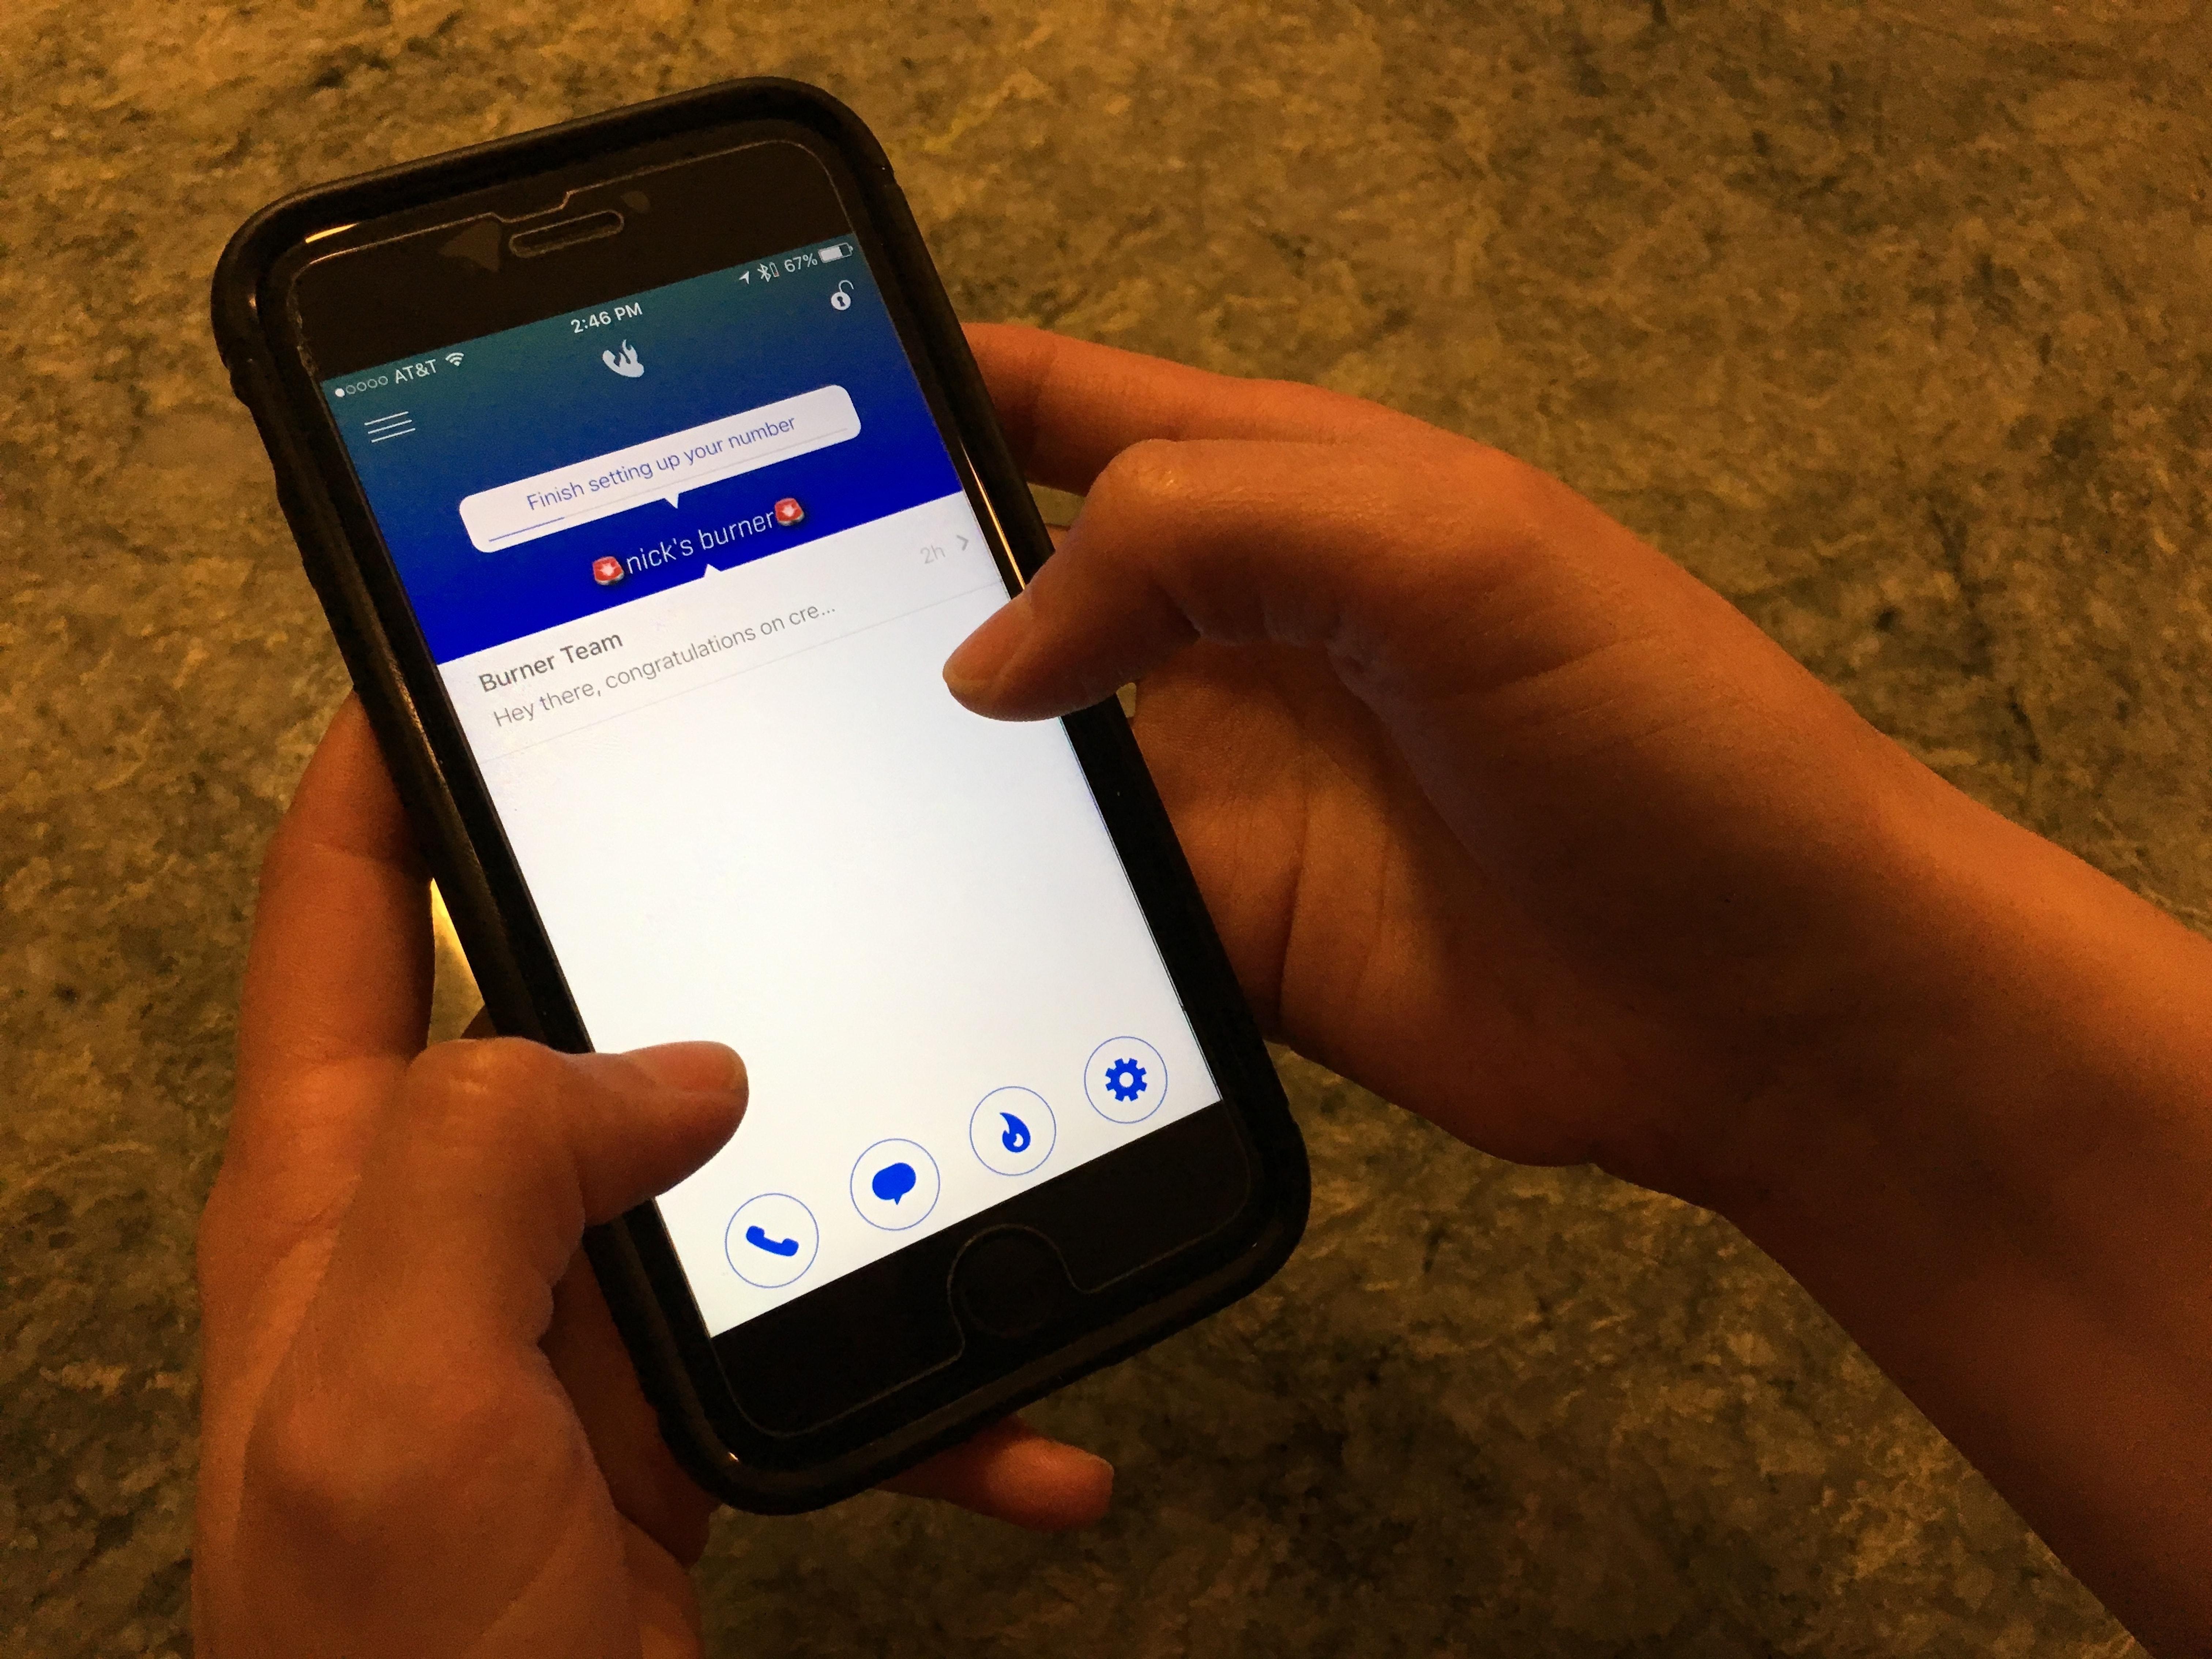 Where Smartphone Privacy Starts